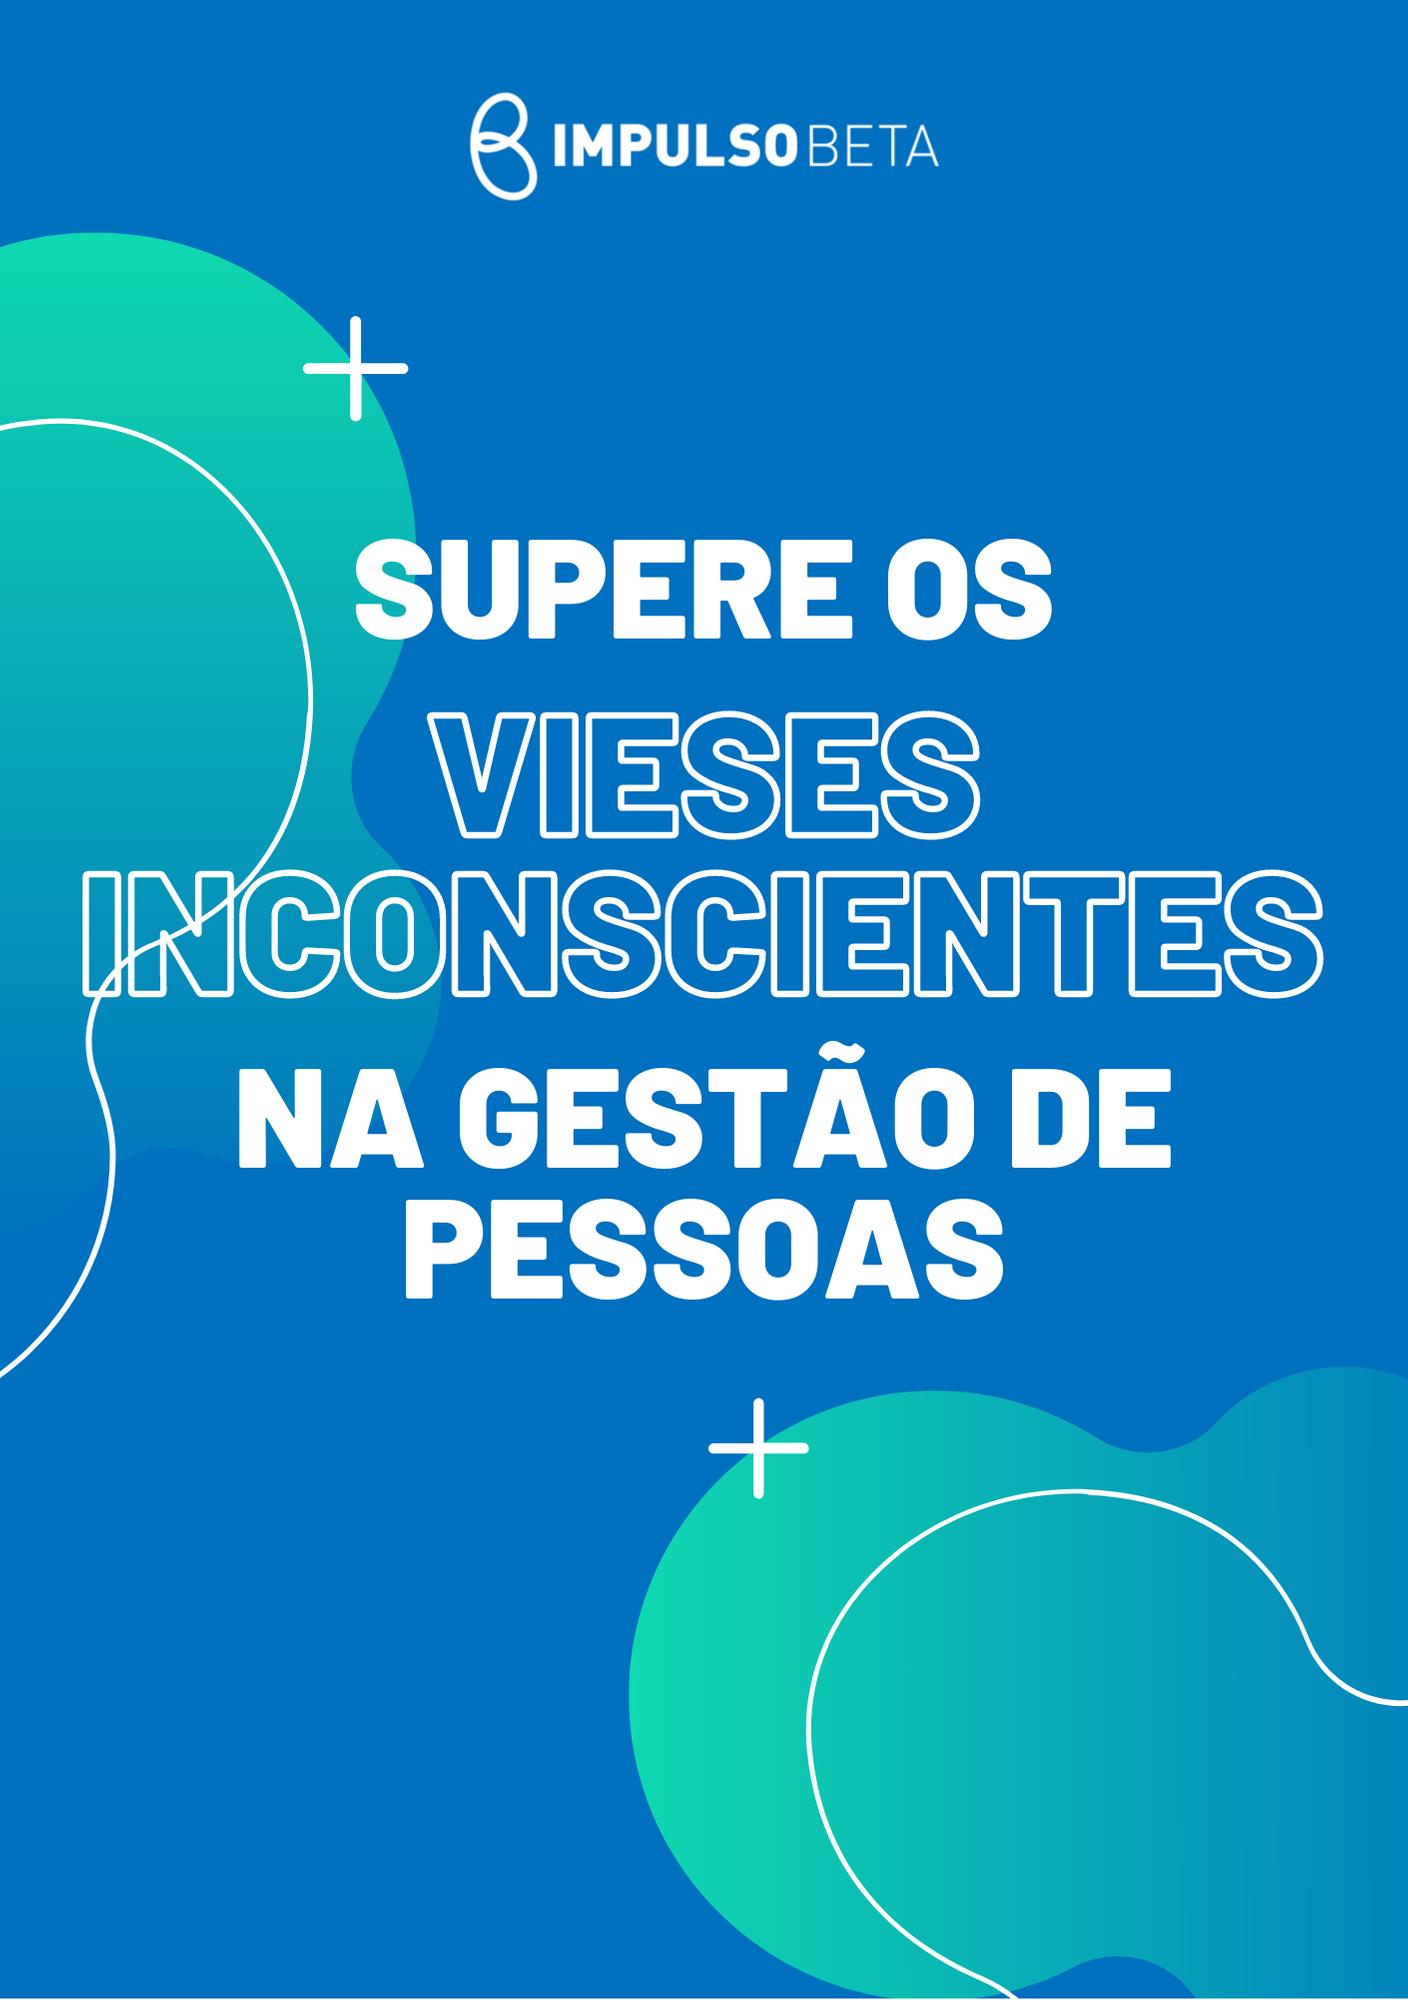 Capa Ebook Supere os Vieses Inconscientes na Gestão de Pessoas